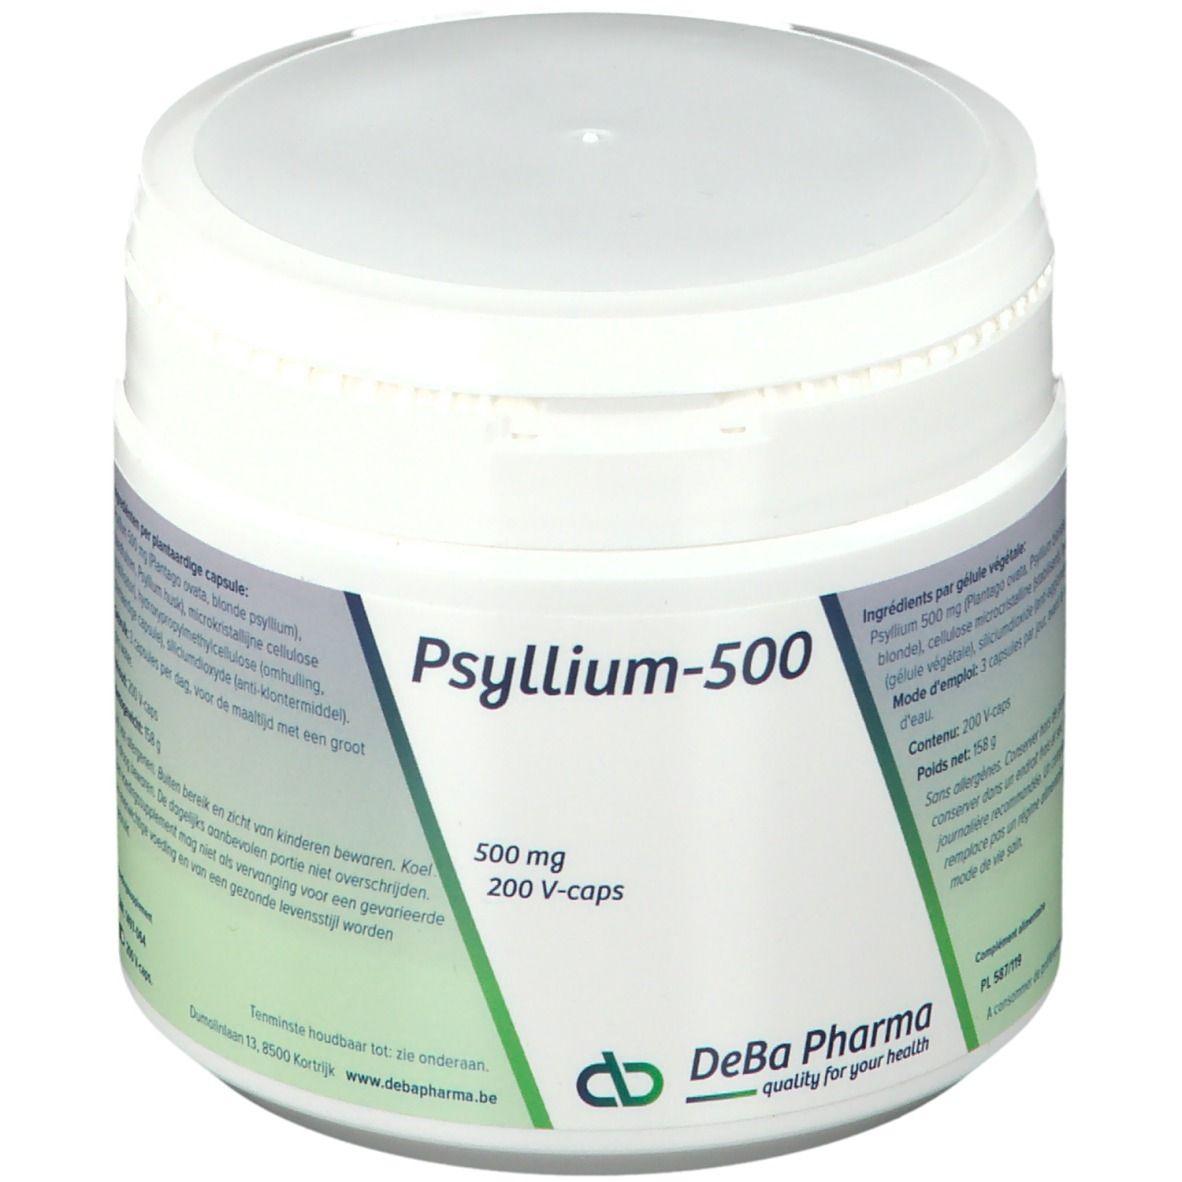 DeBa Pharma Deba Psyllium pc(s) capsule(s)